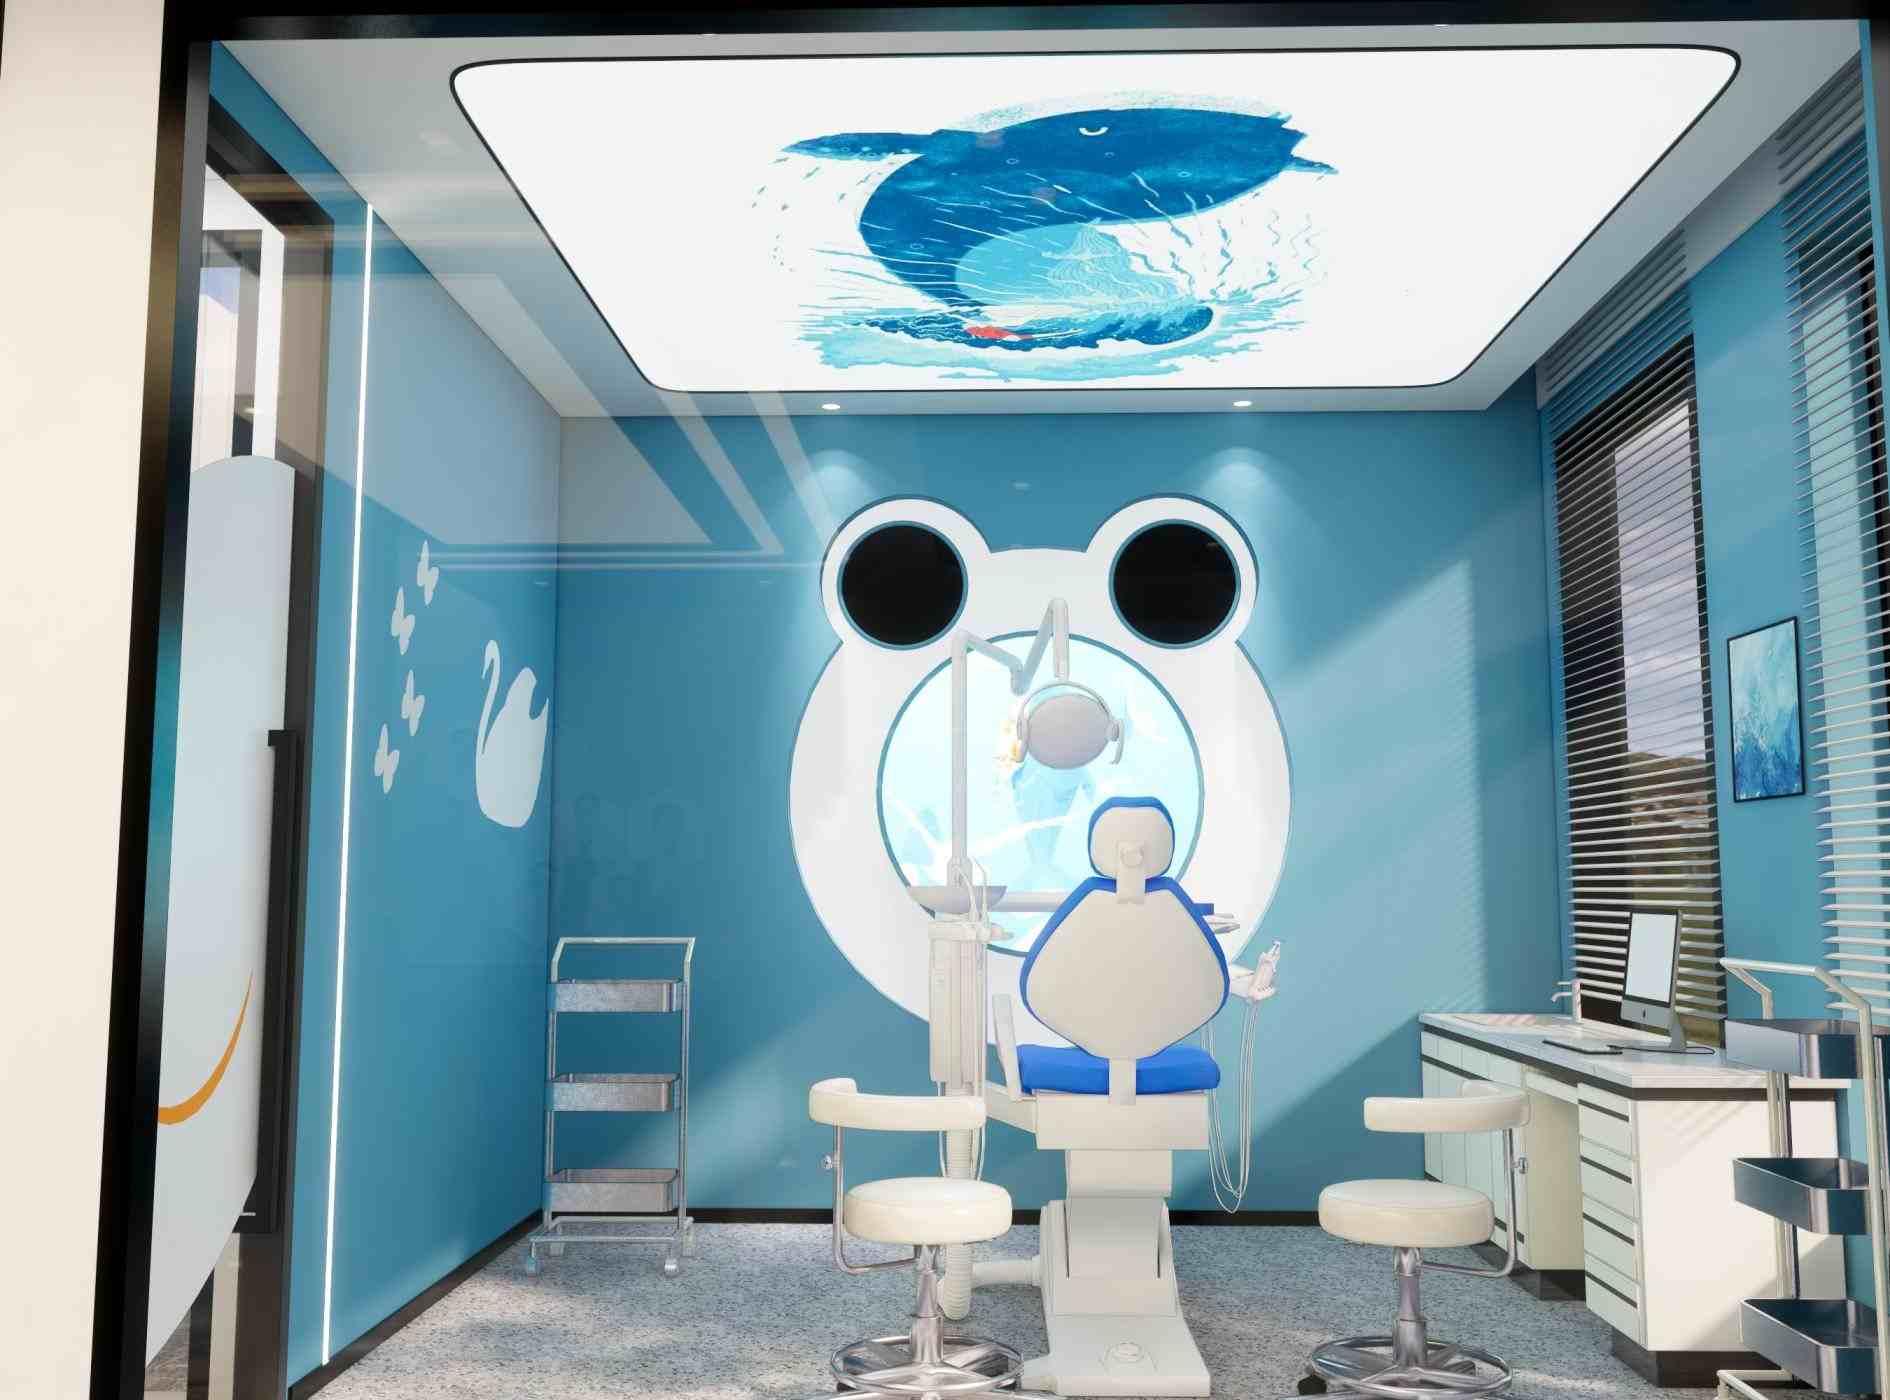 蓝色独特的设计风格,舒缓人心的卡通图案,对于特殊人群在就诊时起到的舒缓紧张心情的作用,充分利用自然光,让室内达到最充分的节能环境。